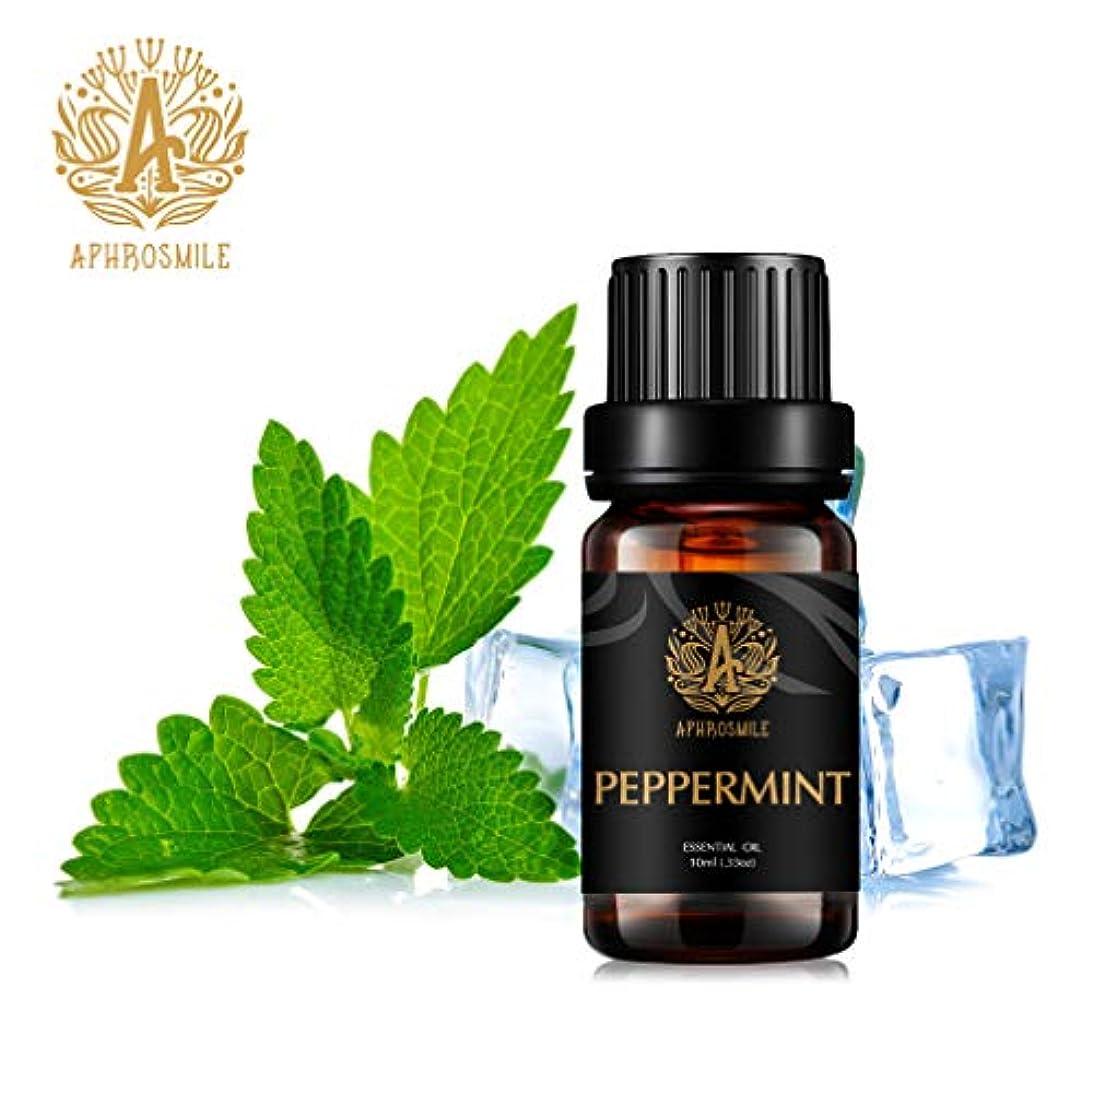 ラベルブラインド驚きペパーミントの精油、100%純粋なアロマセラピーエッセンシャルオイルペパーミントの香り、明確な思考と、治療用グレードエッセンシャルオイルペパーミントの香り為にディフューザー、マッサージ、加湿器、デイリーケア、0.33オンス...